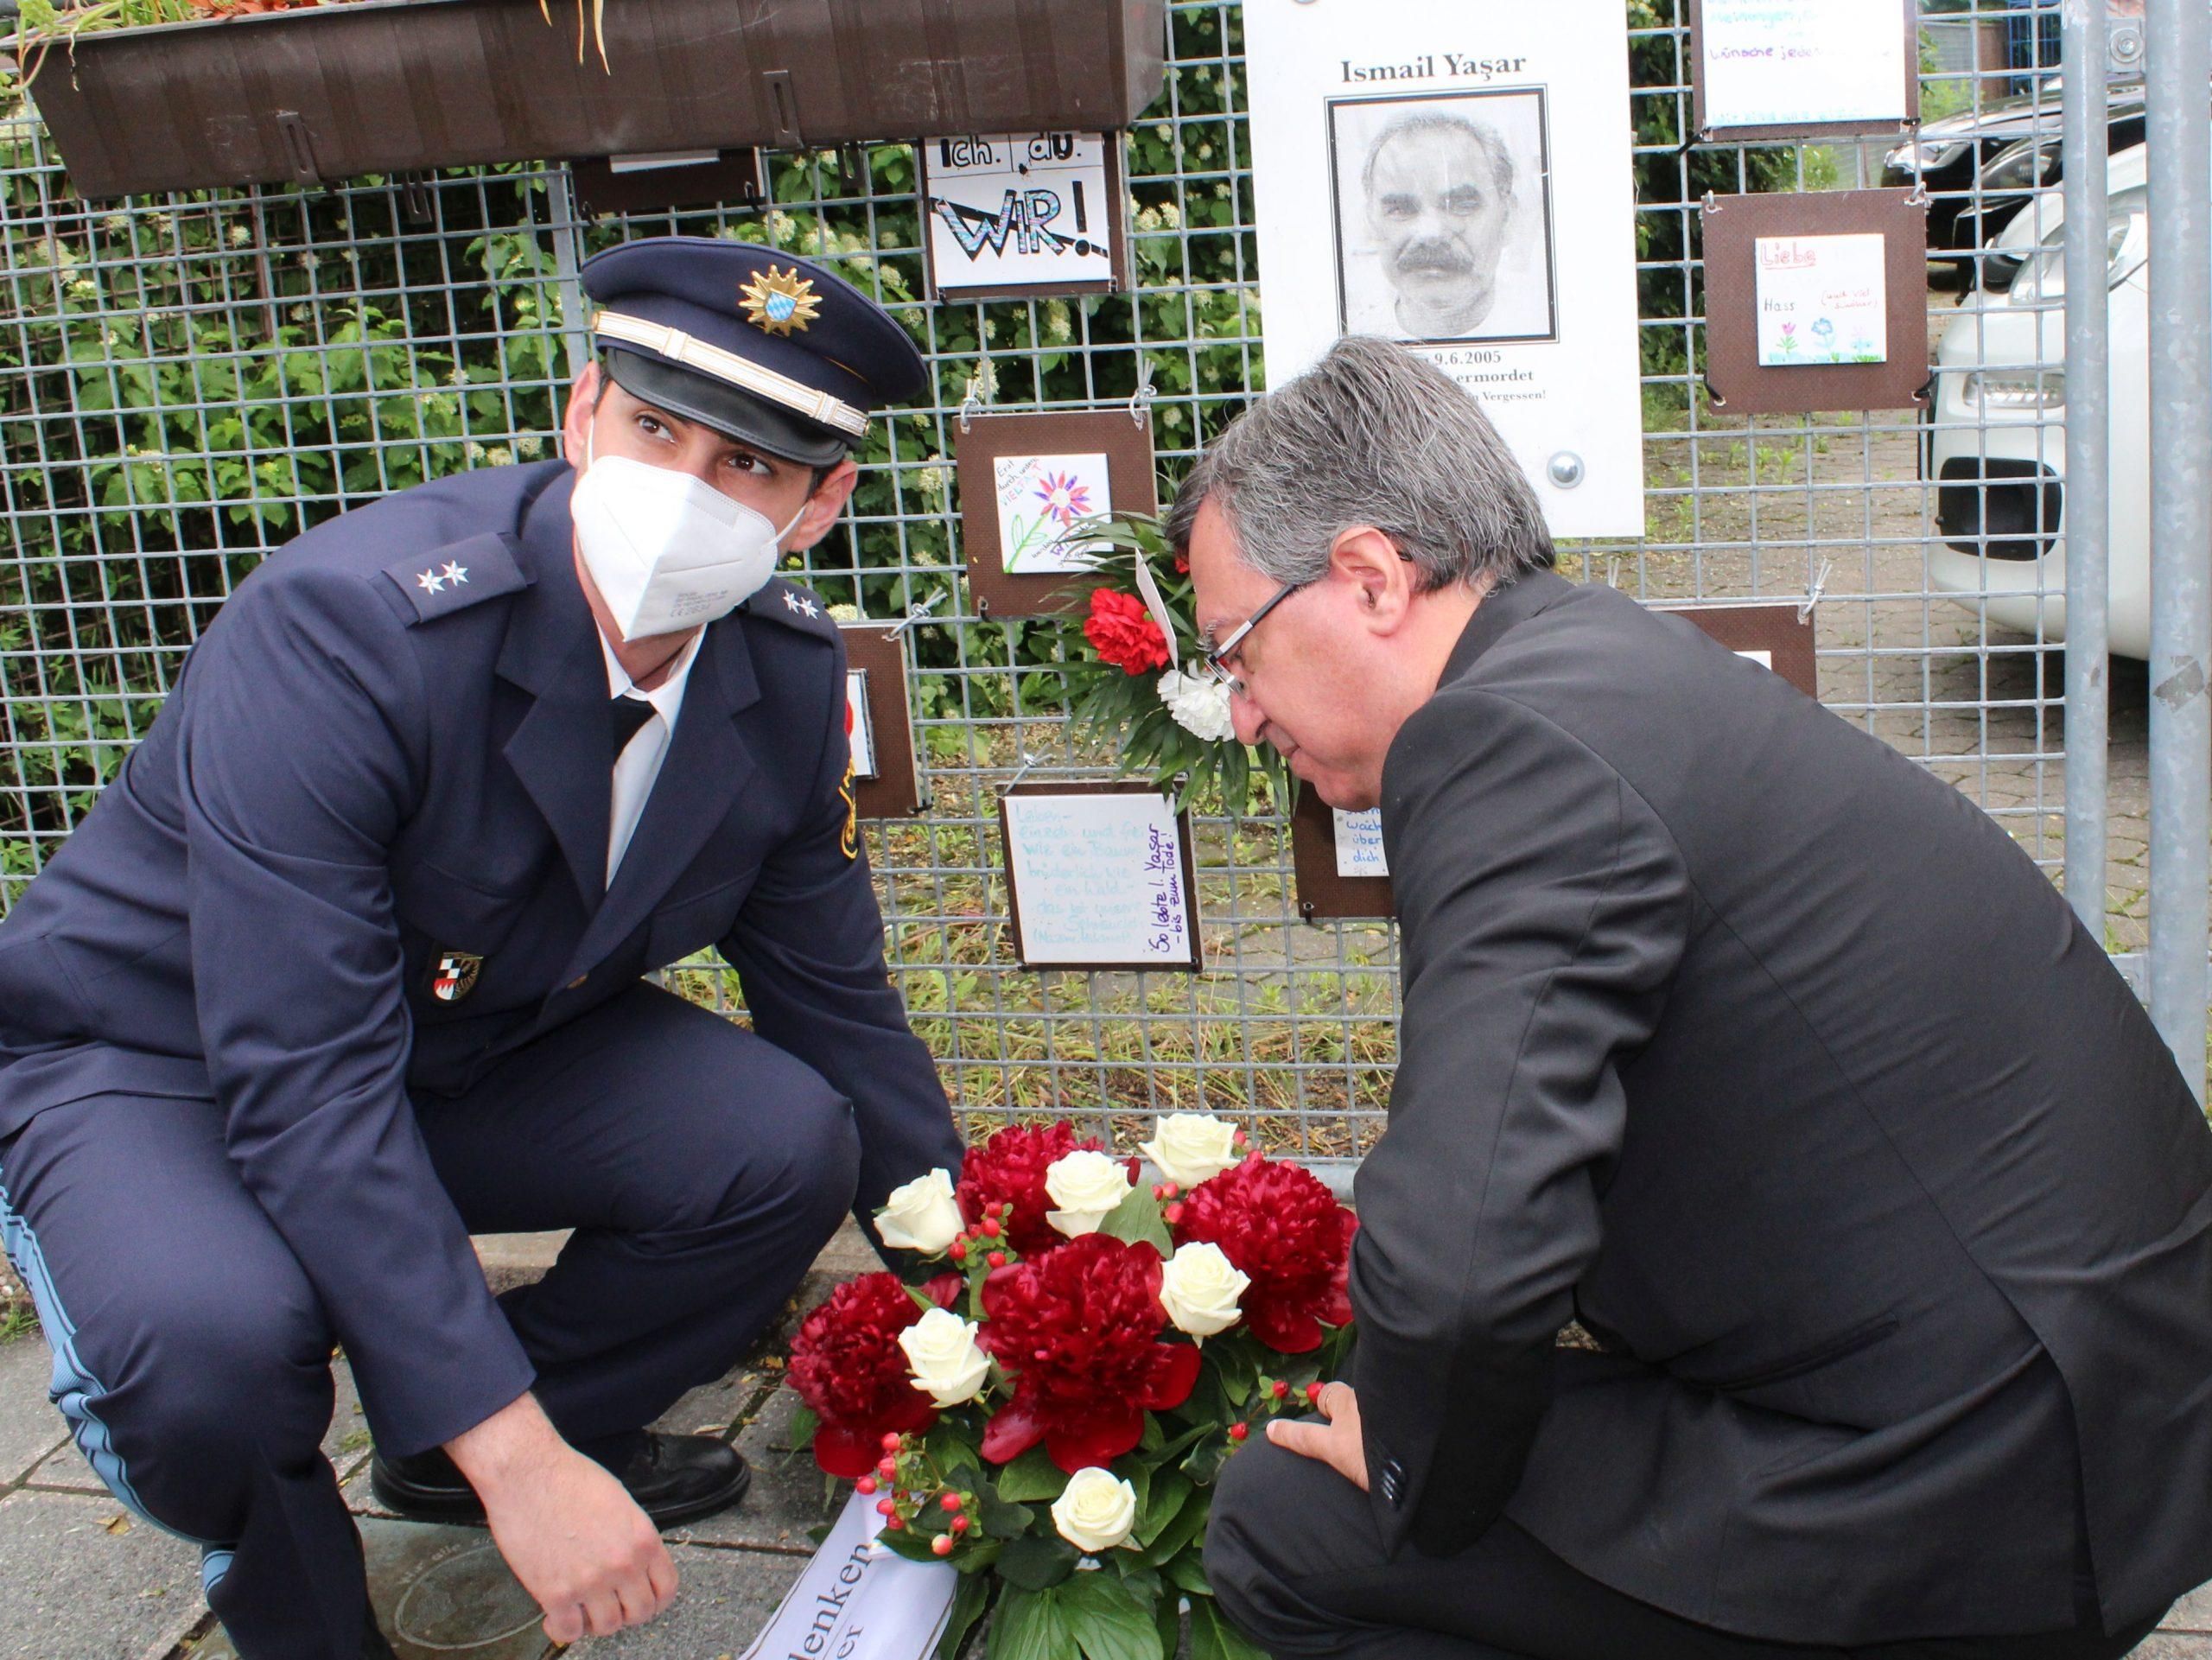 NSU Kurbanı İsmail Yaşar düzenlenen törenle anıldı